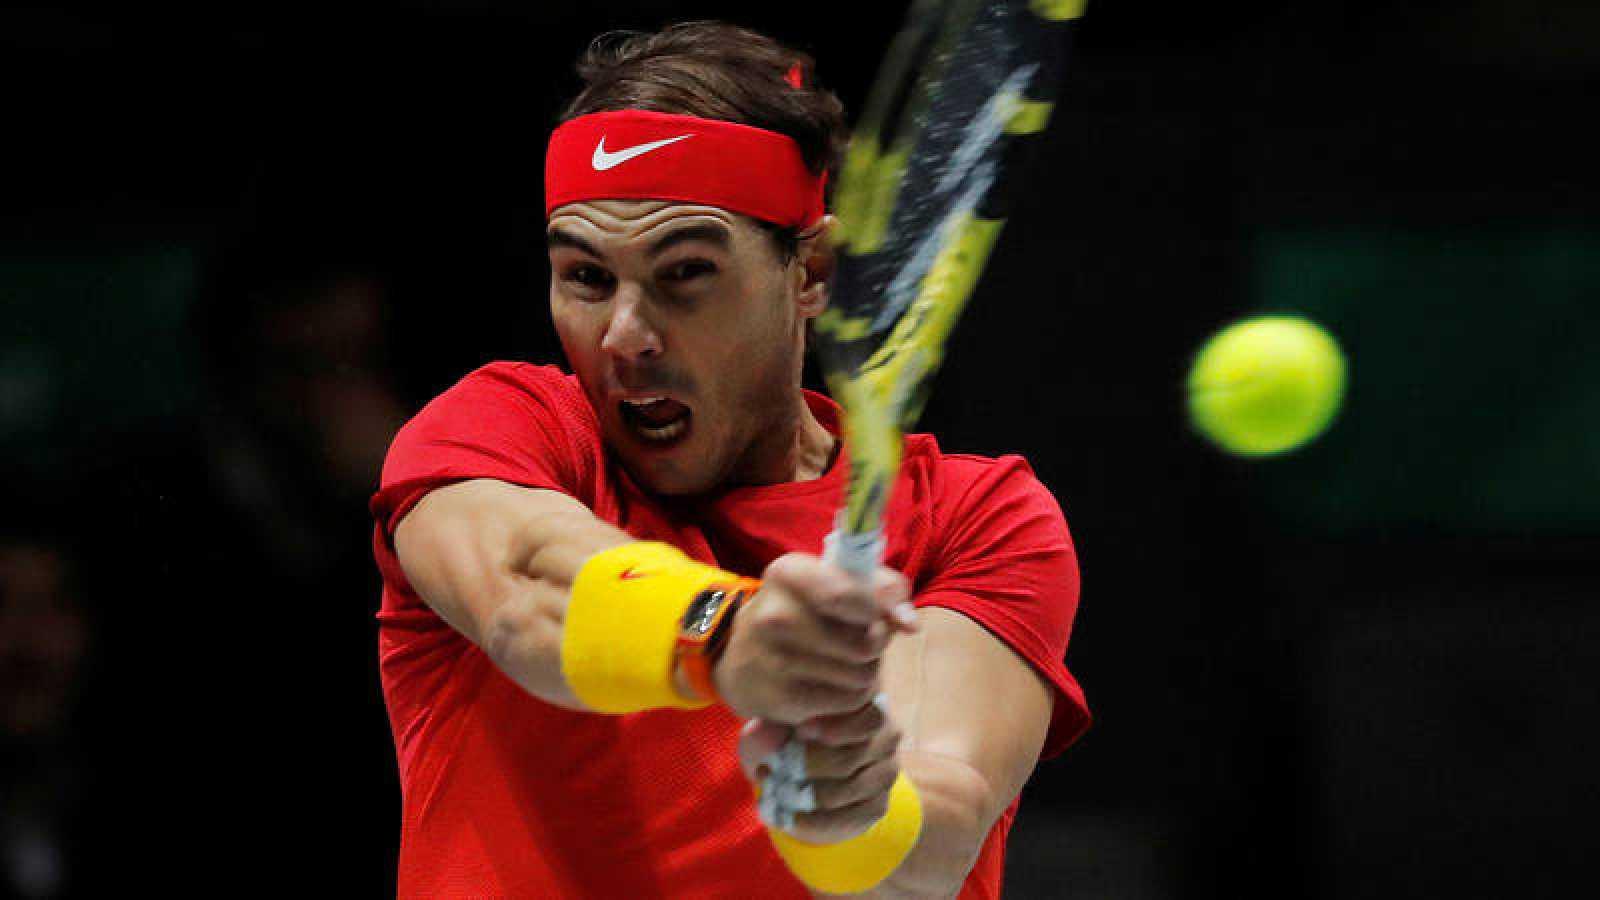 ¿Cómo será el tenis español sin Nadal?